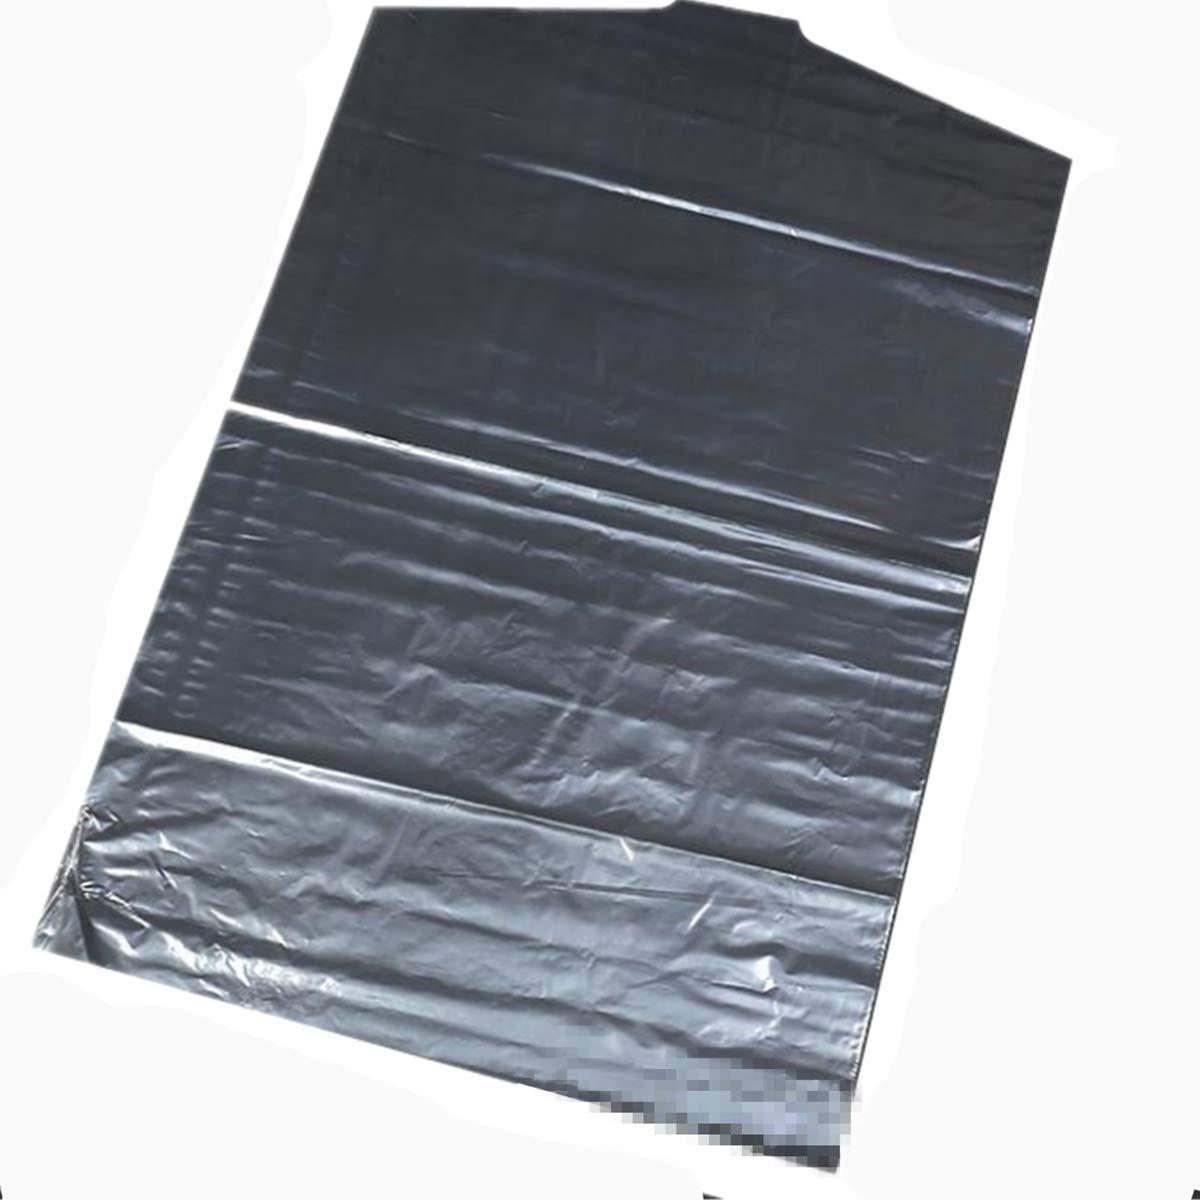 Bolsa de Almacenamiento de pl/ástico Transparente para Ropa y Polvo 0.015 pulg SZBTF para Colgar Ropa 35.4X23.6 IN